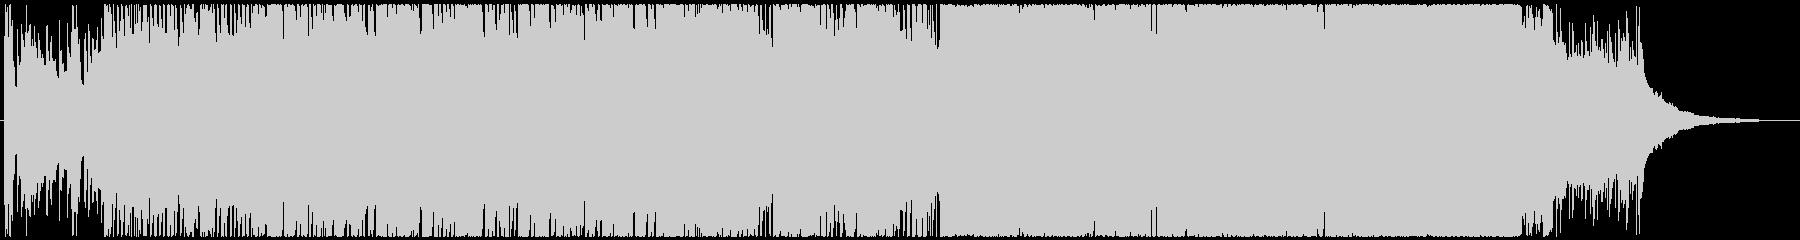 紹介BGMの最適なフュージョンの未再生の波形